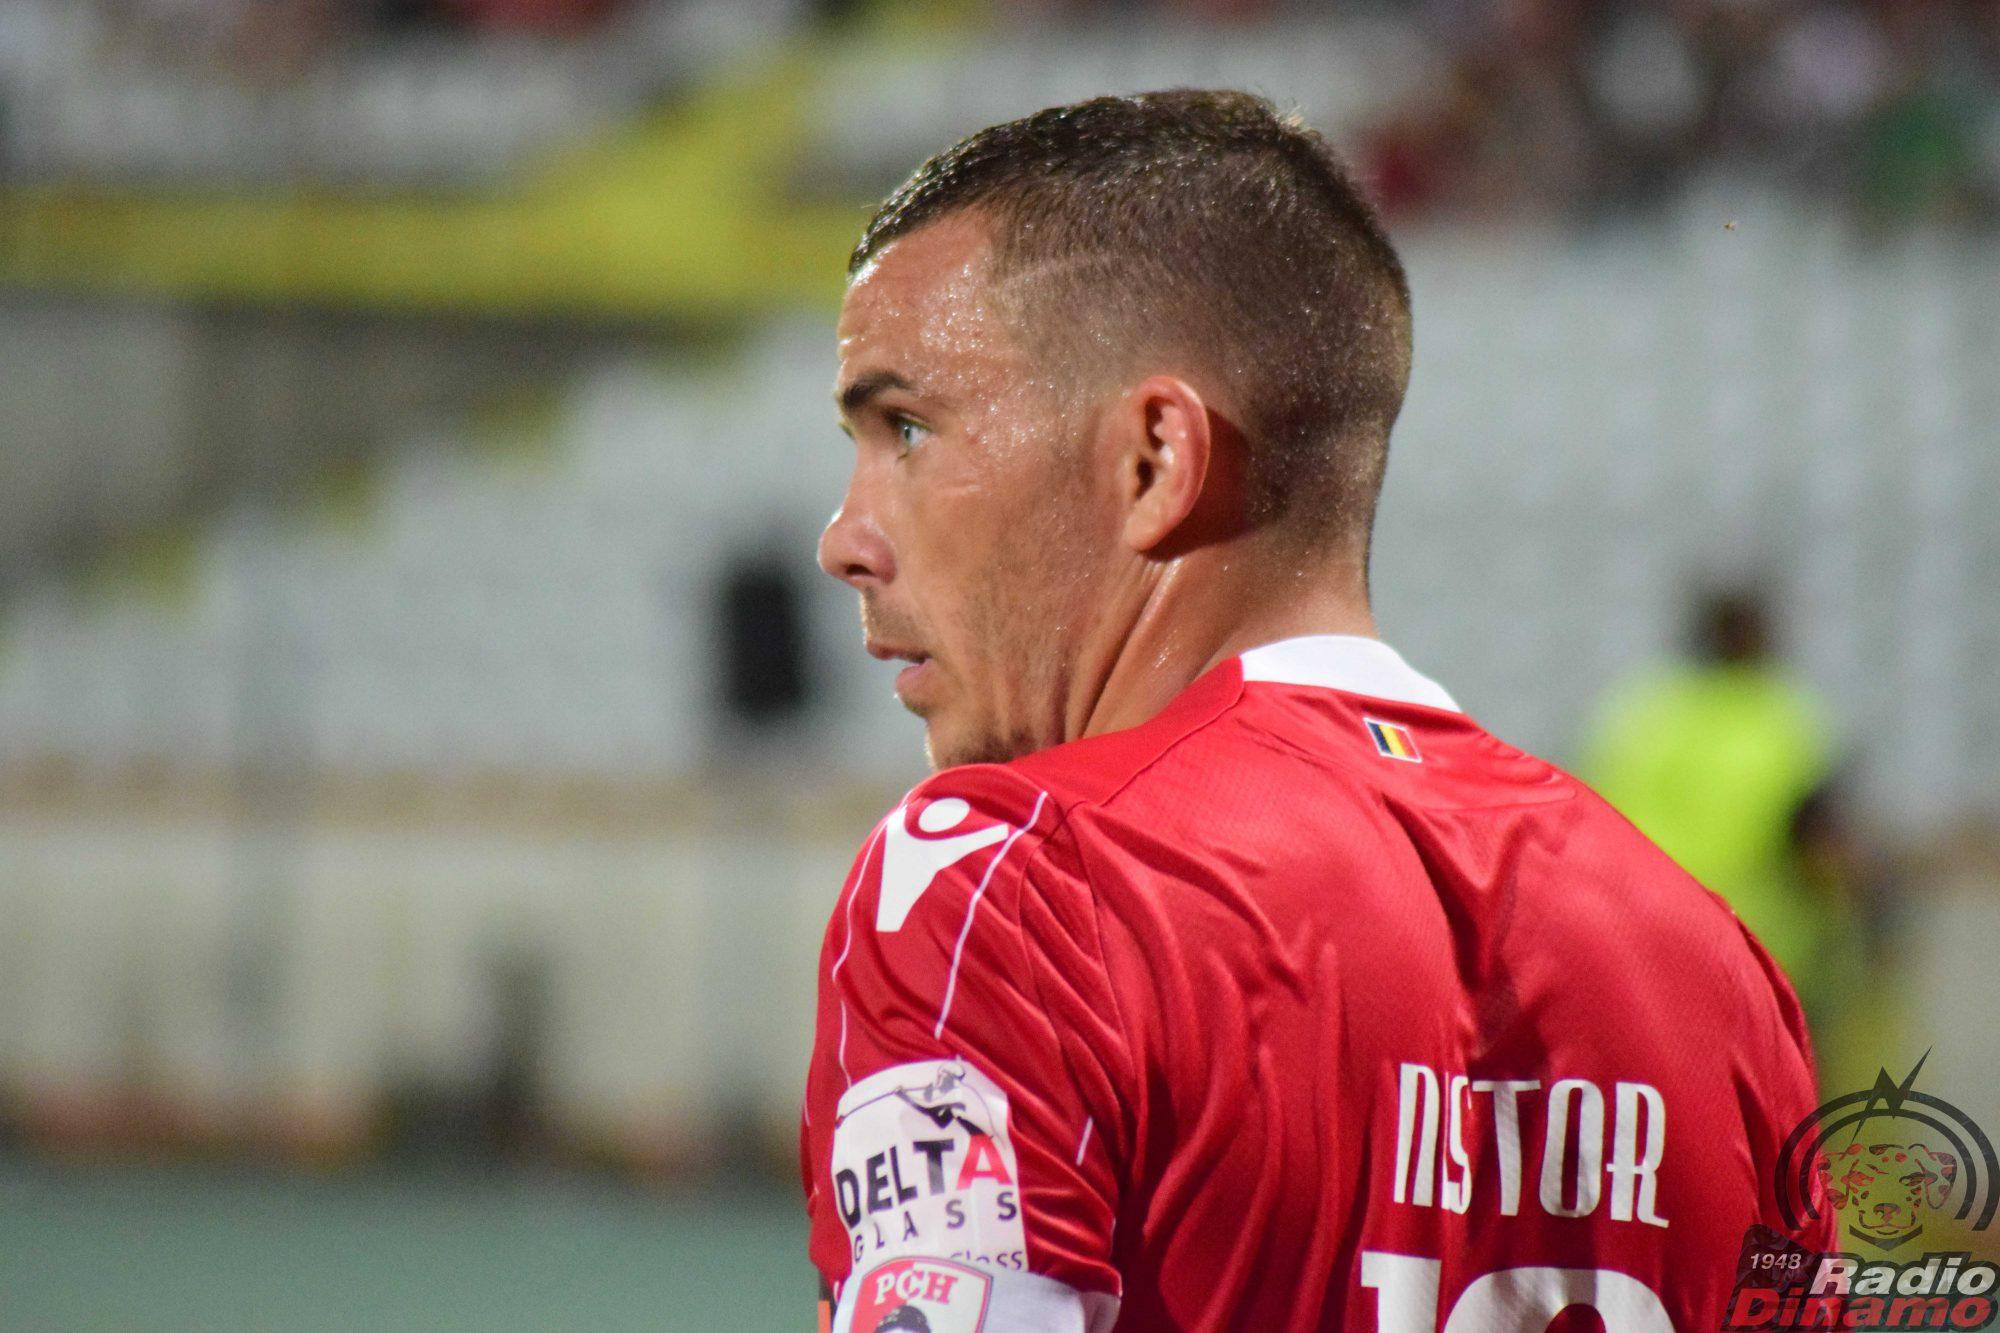 Dan Nistor